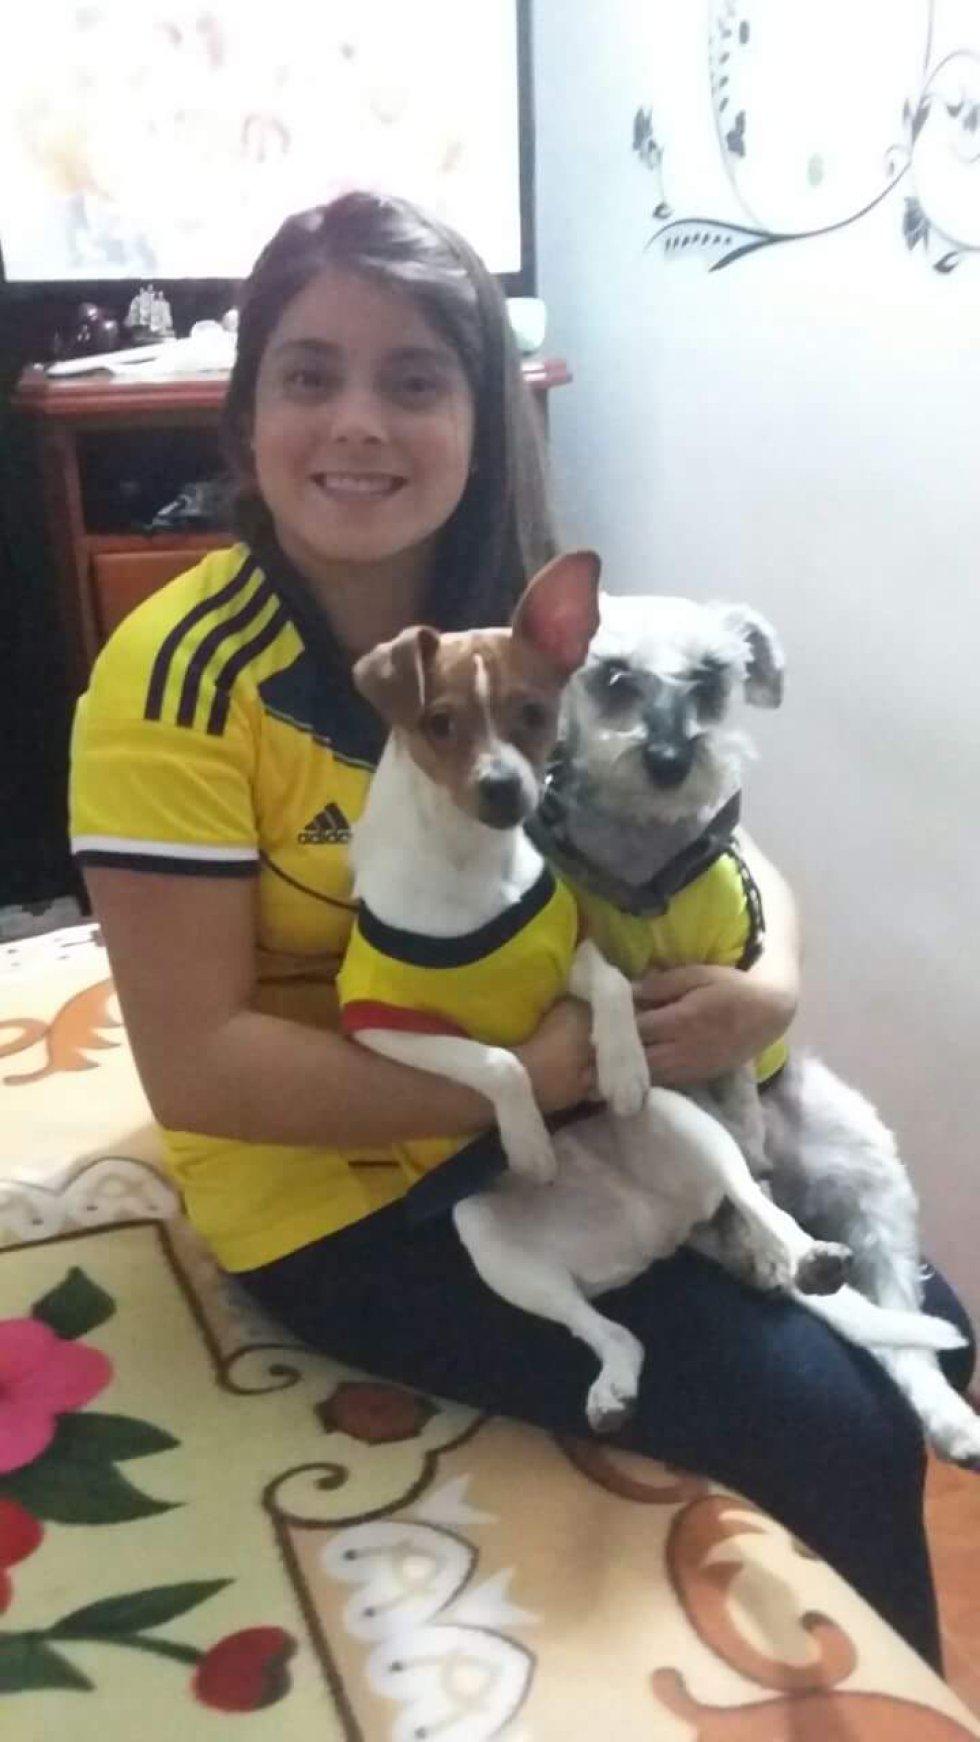 Alejandra Maldonado nos envío la foto de ella y sus dos mascotas disfrutando el mundial